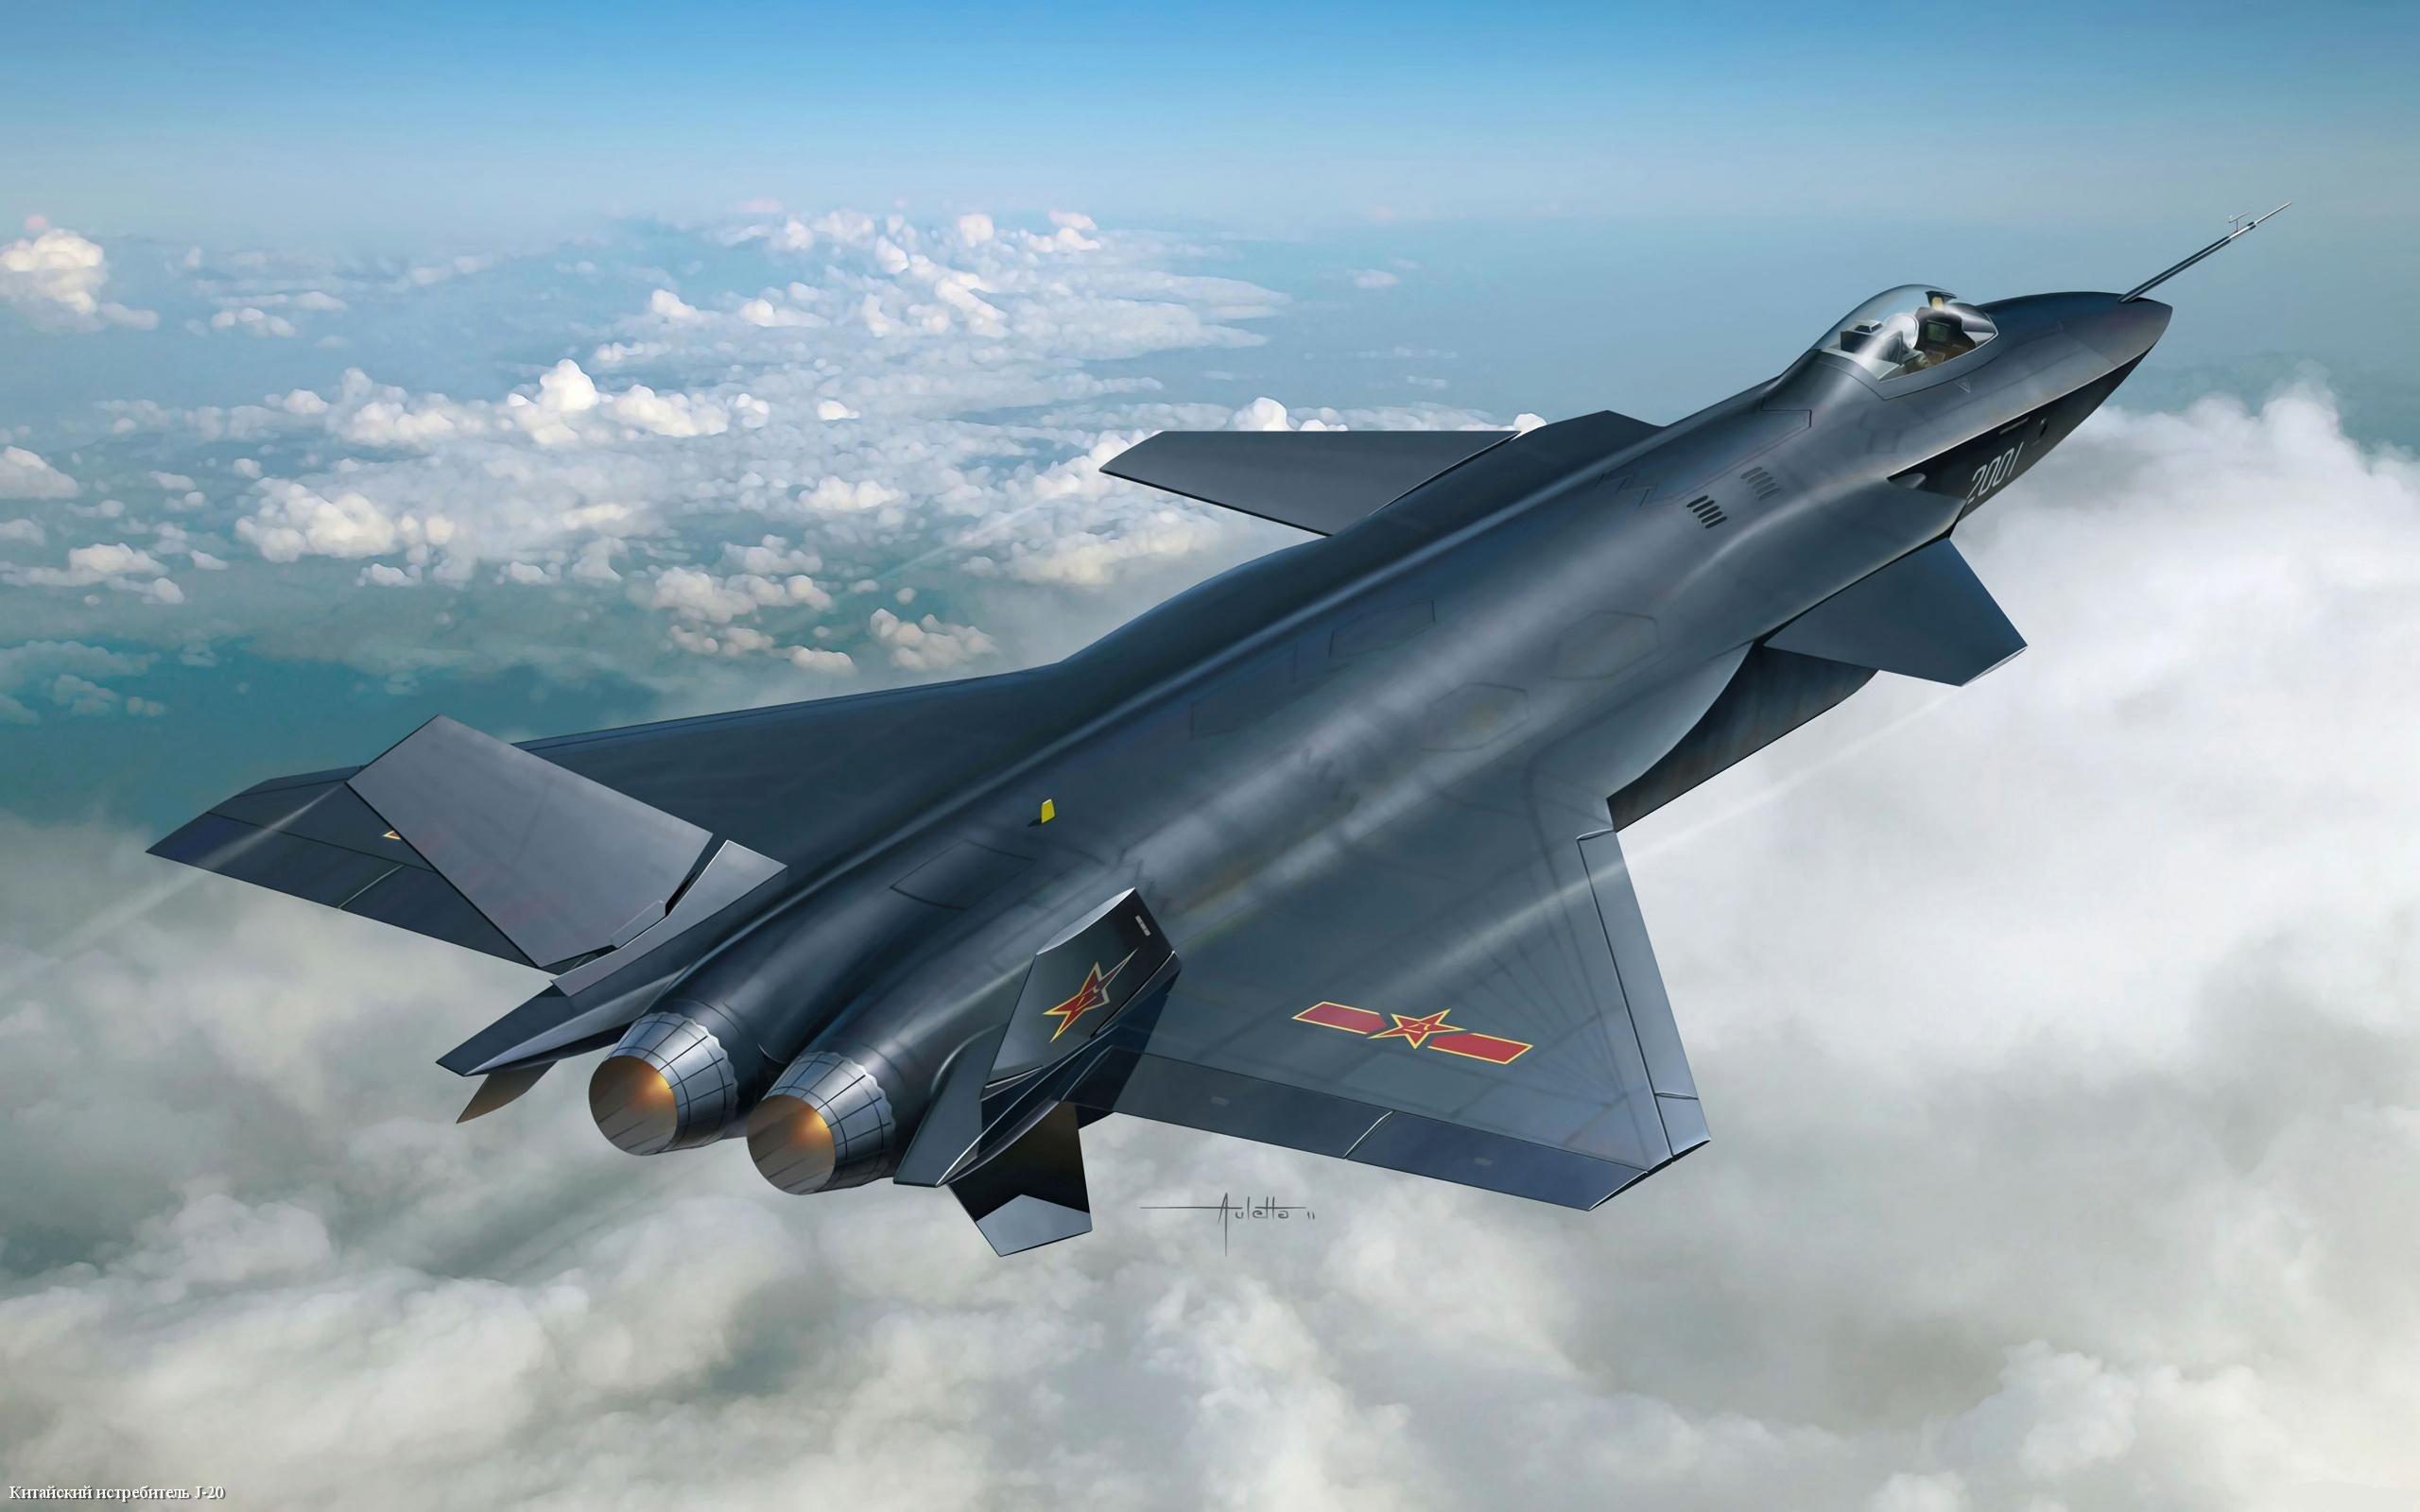 Analysis: Chengdu J-20, The Chinese Raptor?